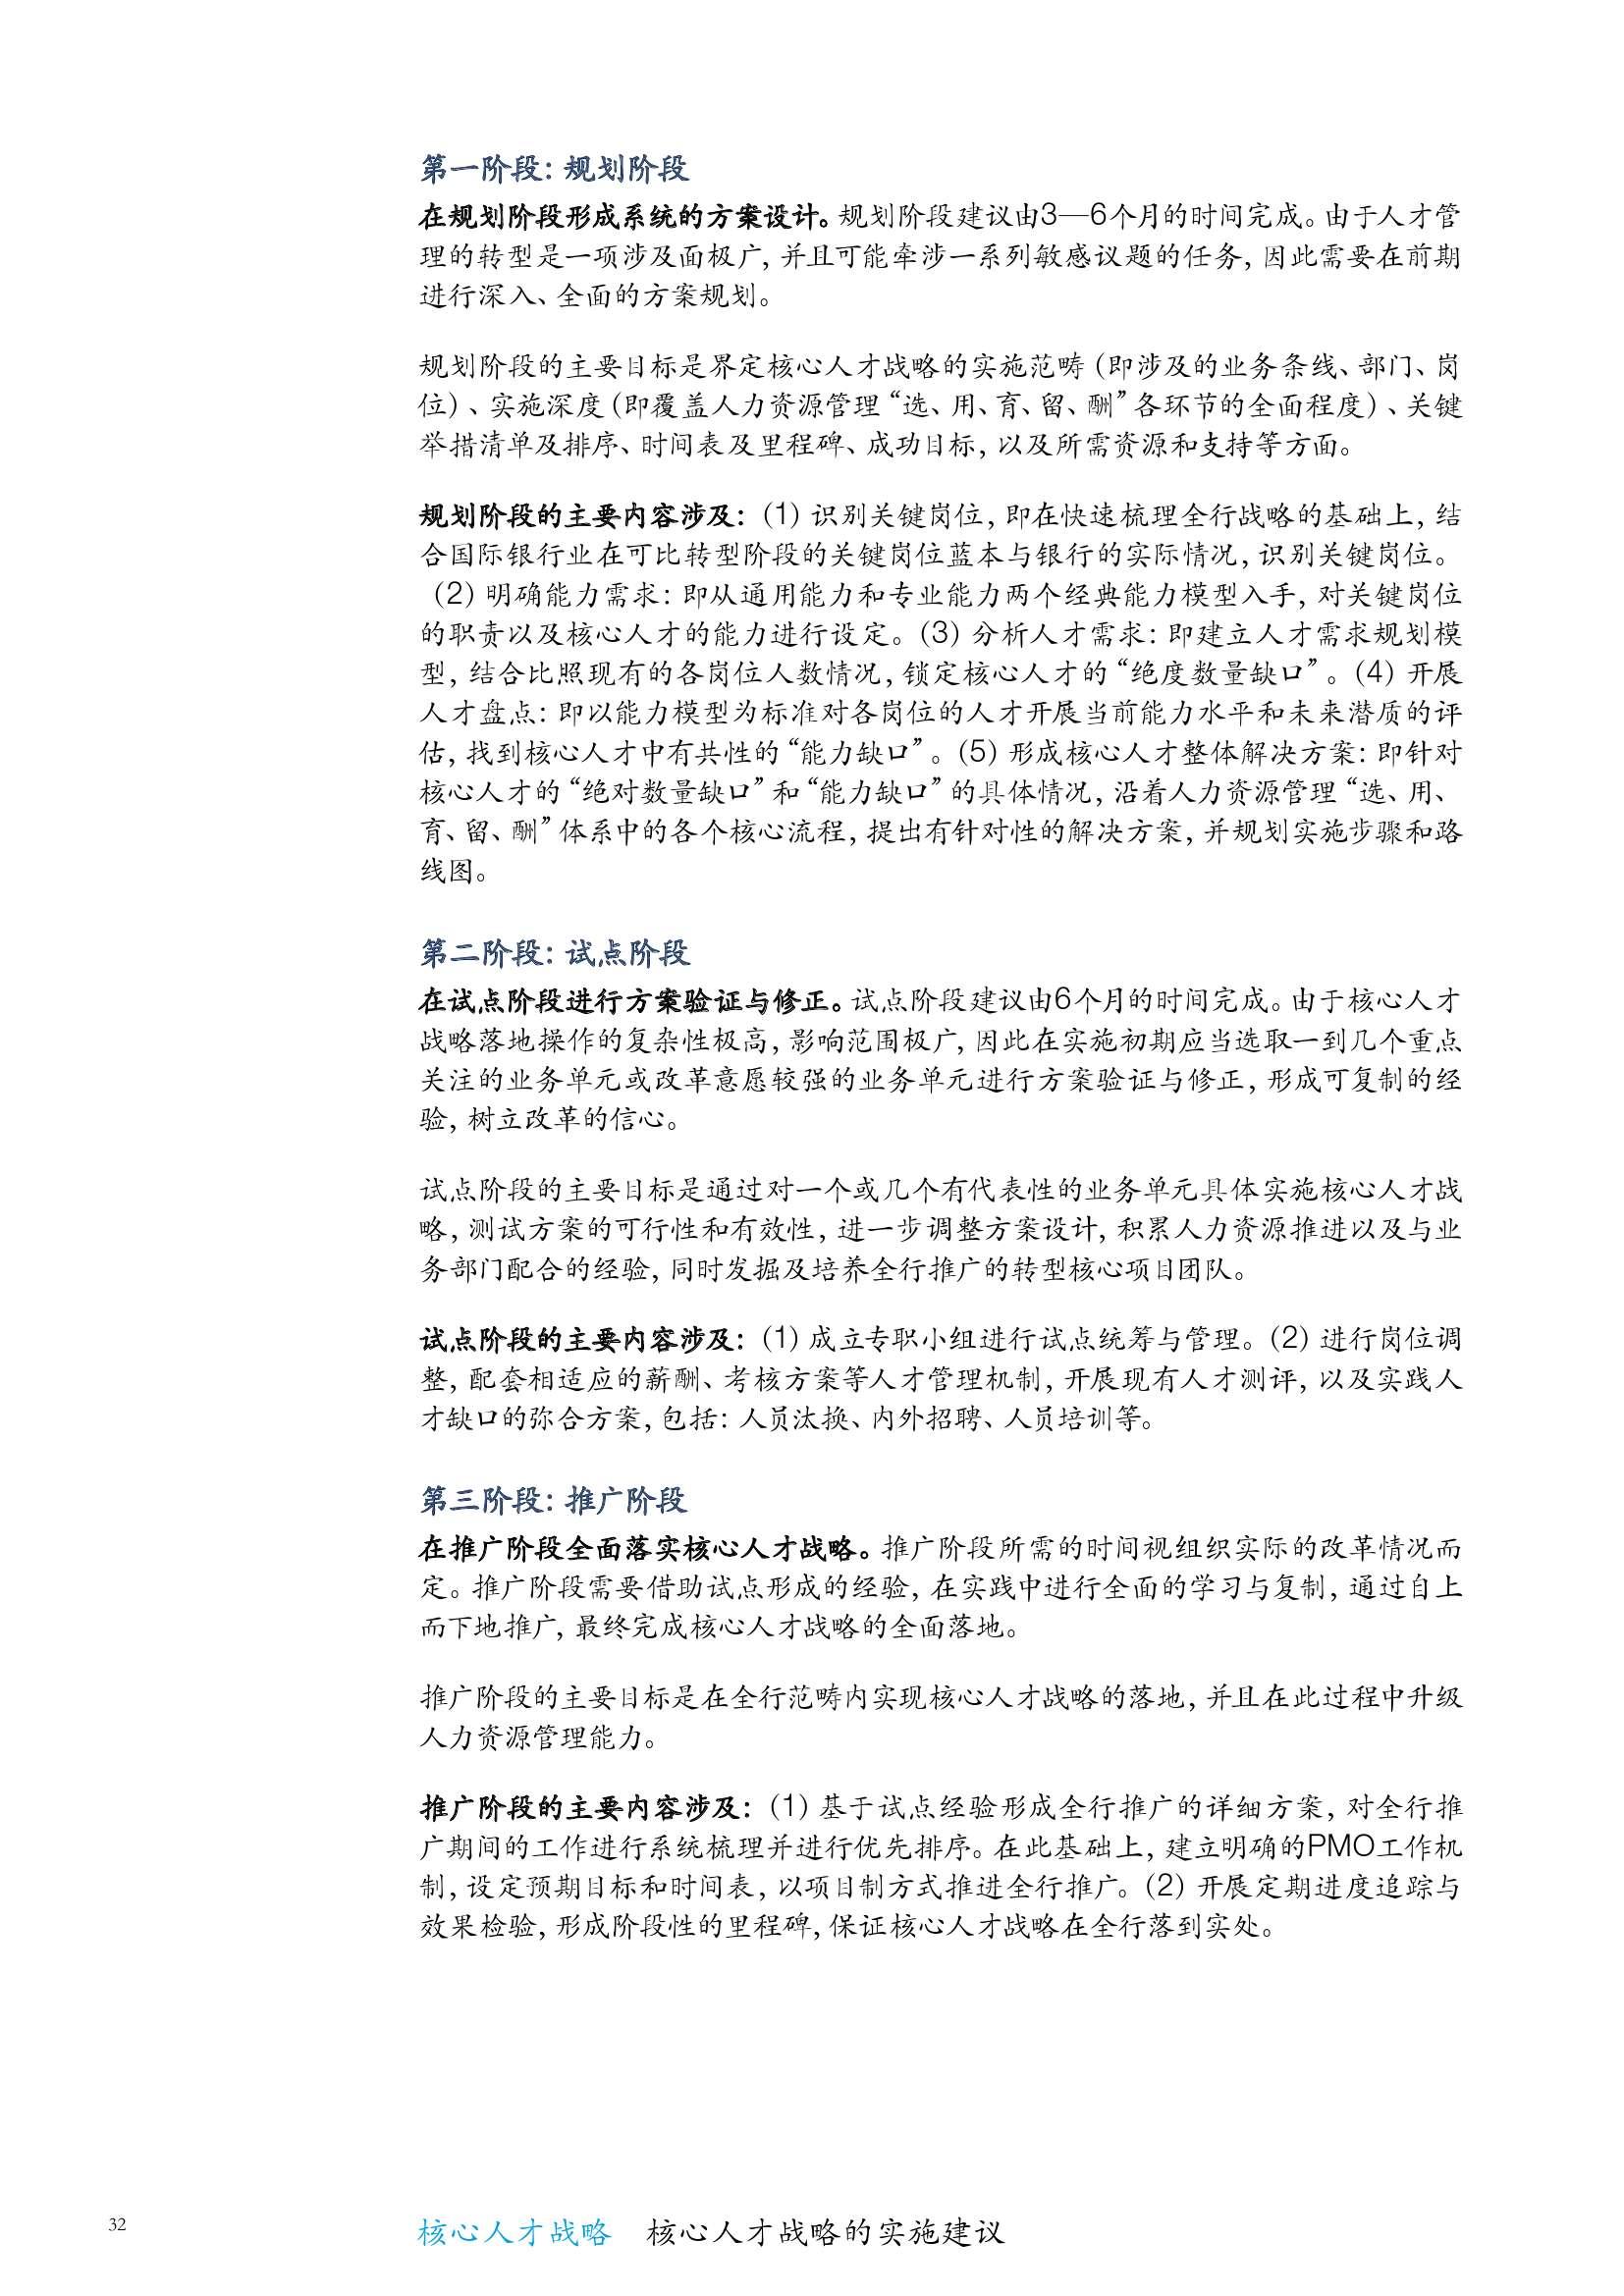 中国银行行业白皮书--核心人才战略4_000038